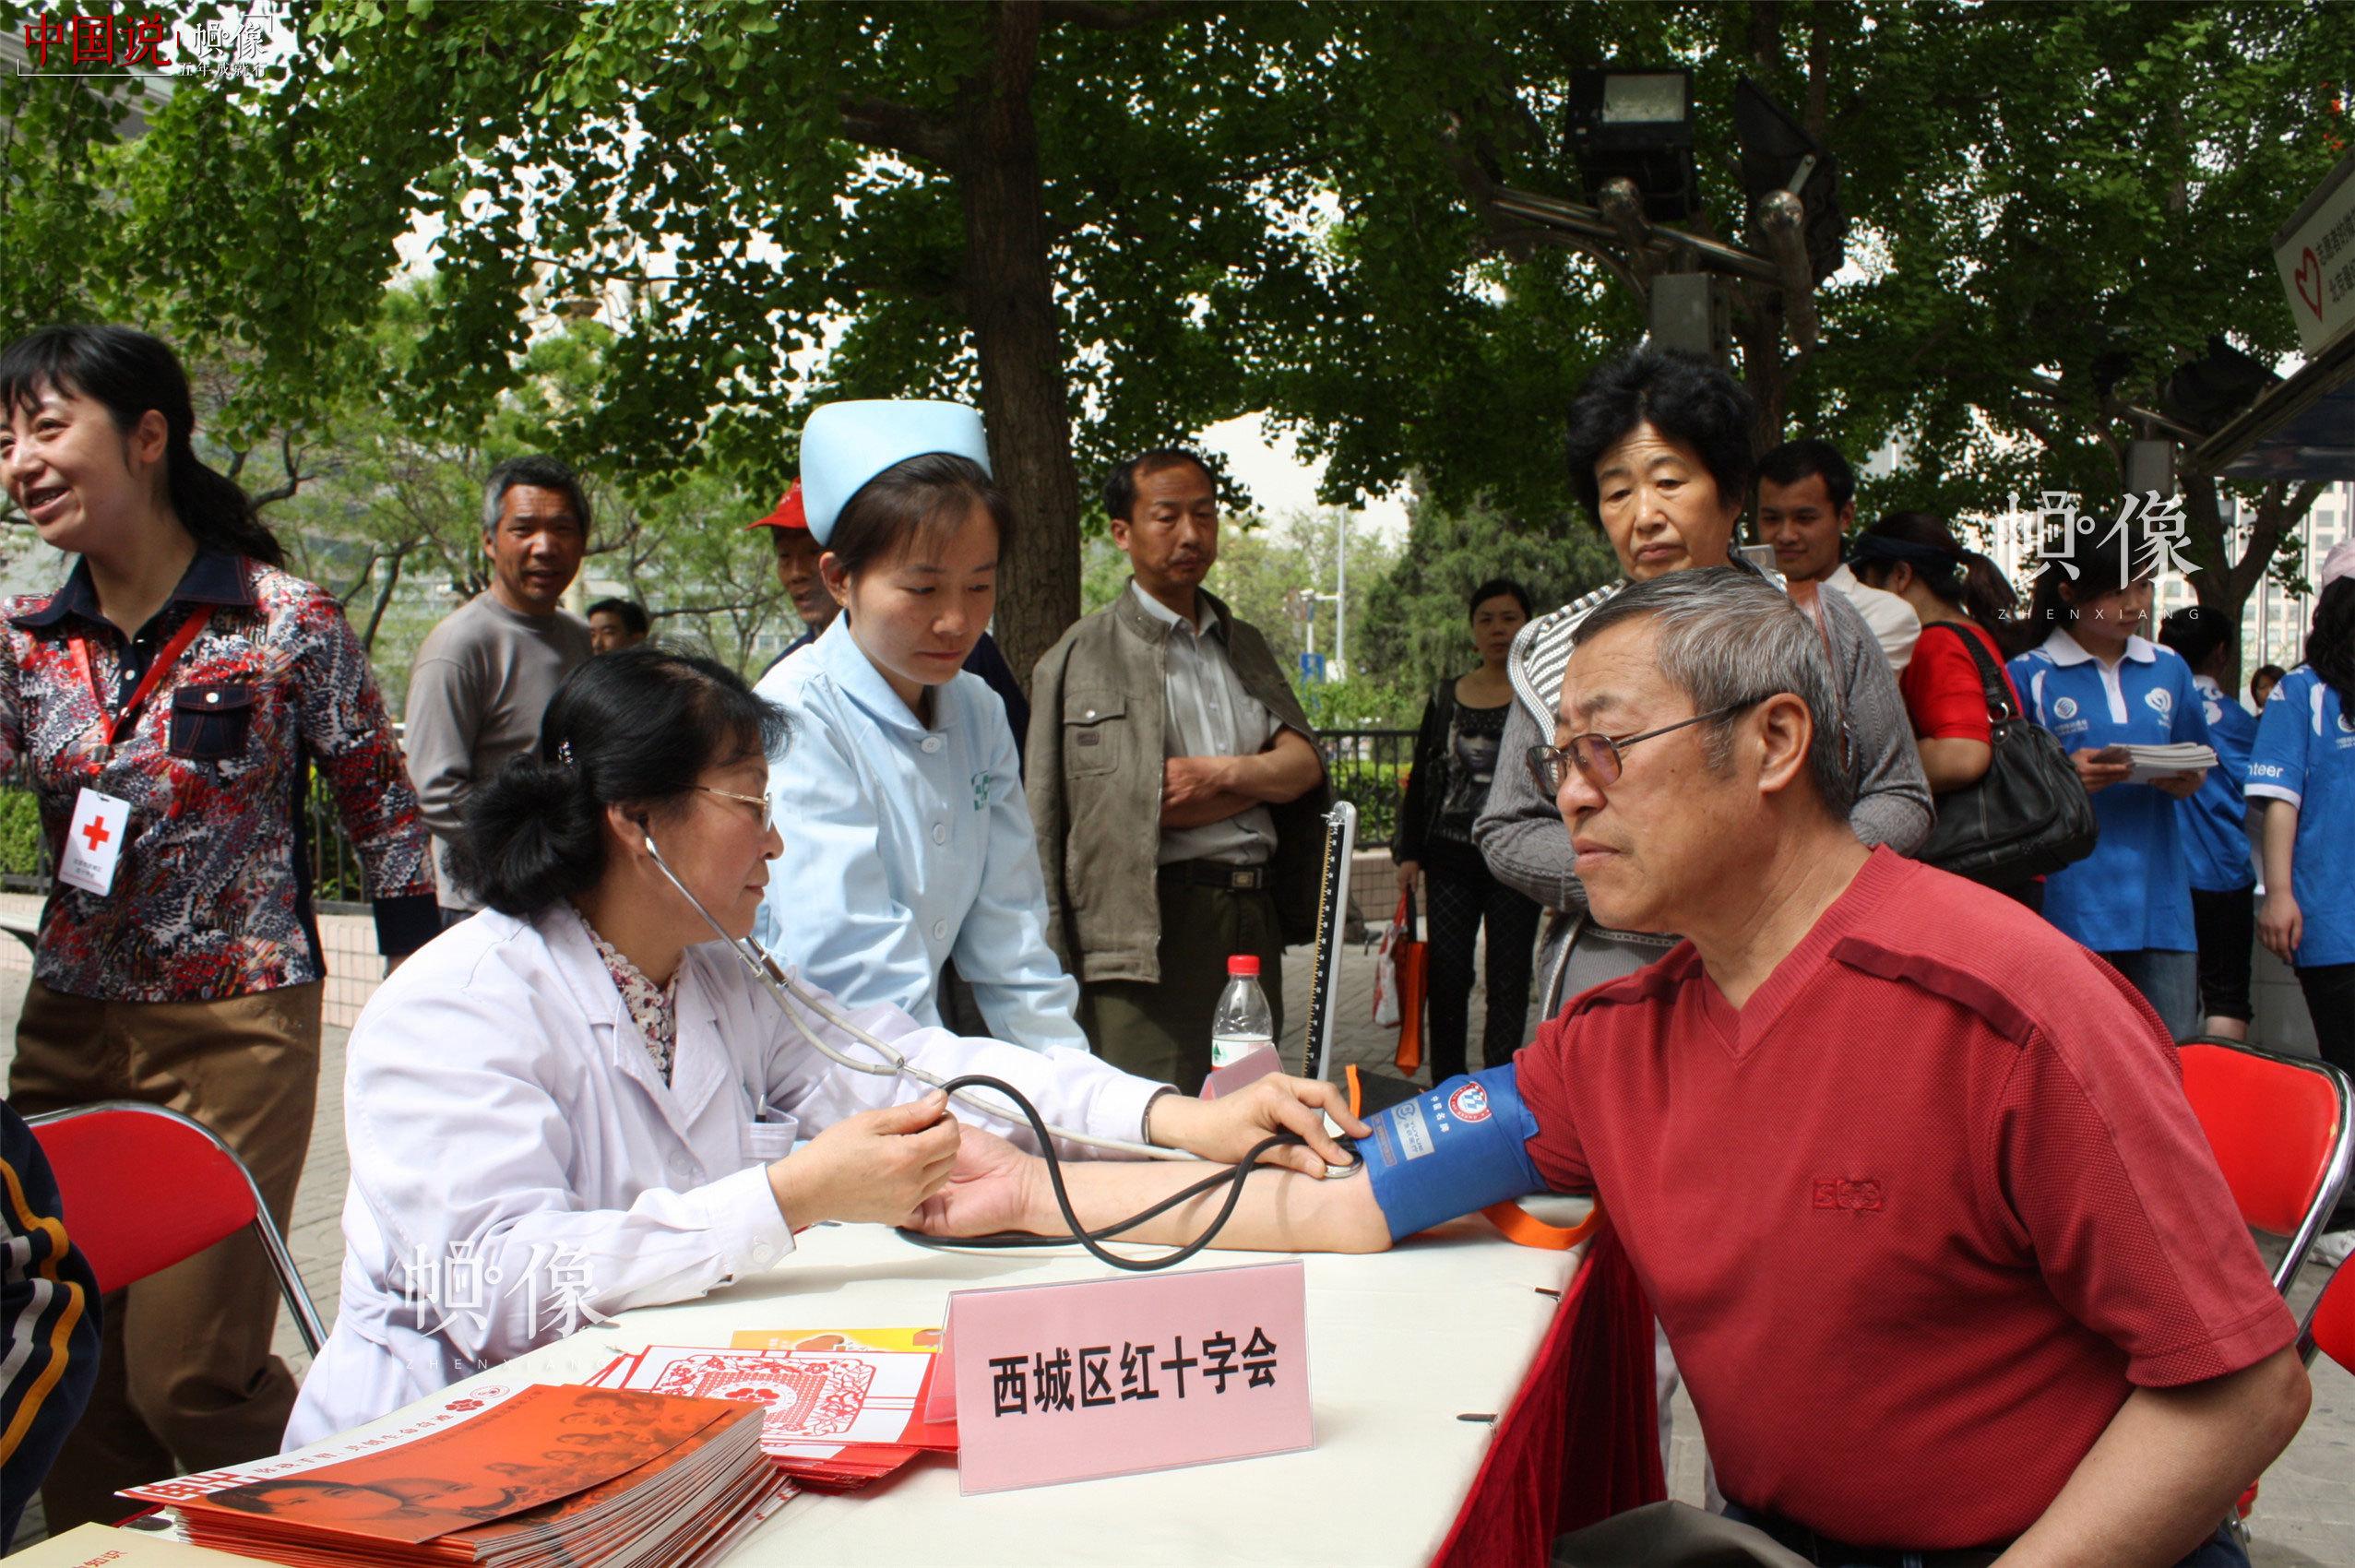 """2010年5月7日,西城区红十字会开展""""五八""""红十字日宣传活动,红十字志愿者为市民进行街头义诊。(西城区红十字会供图)"""